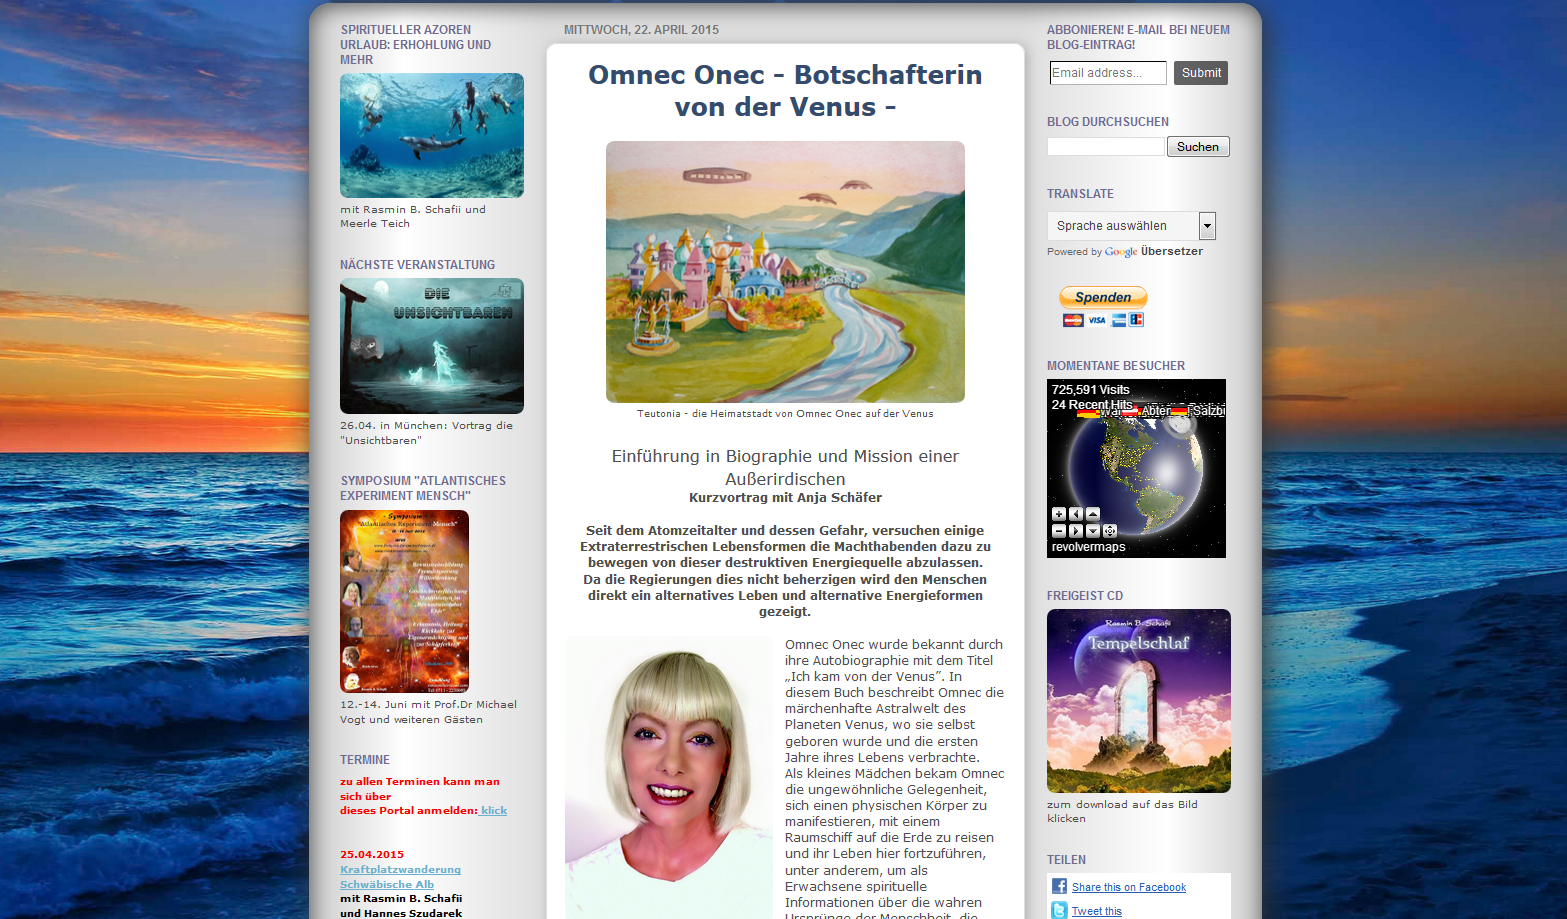 Omnec Onec – Botschafterin von der Venus – Kurzvortrag mit Anja Schäfer in Überlingen